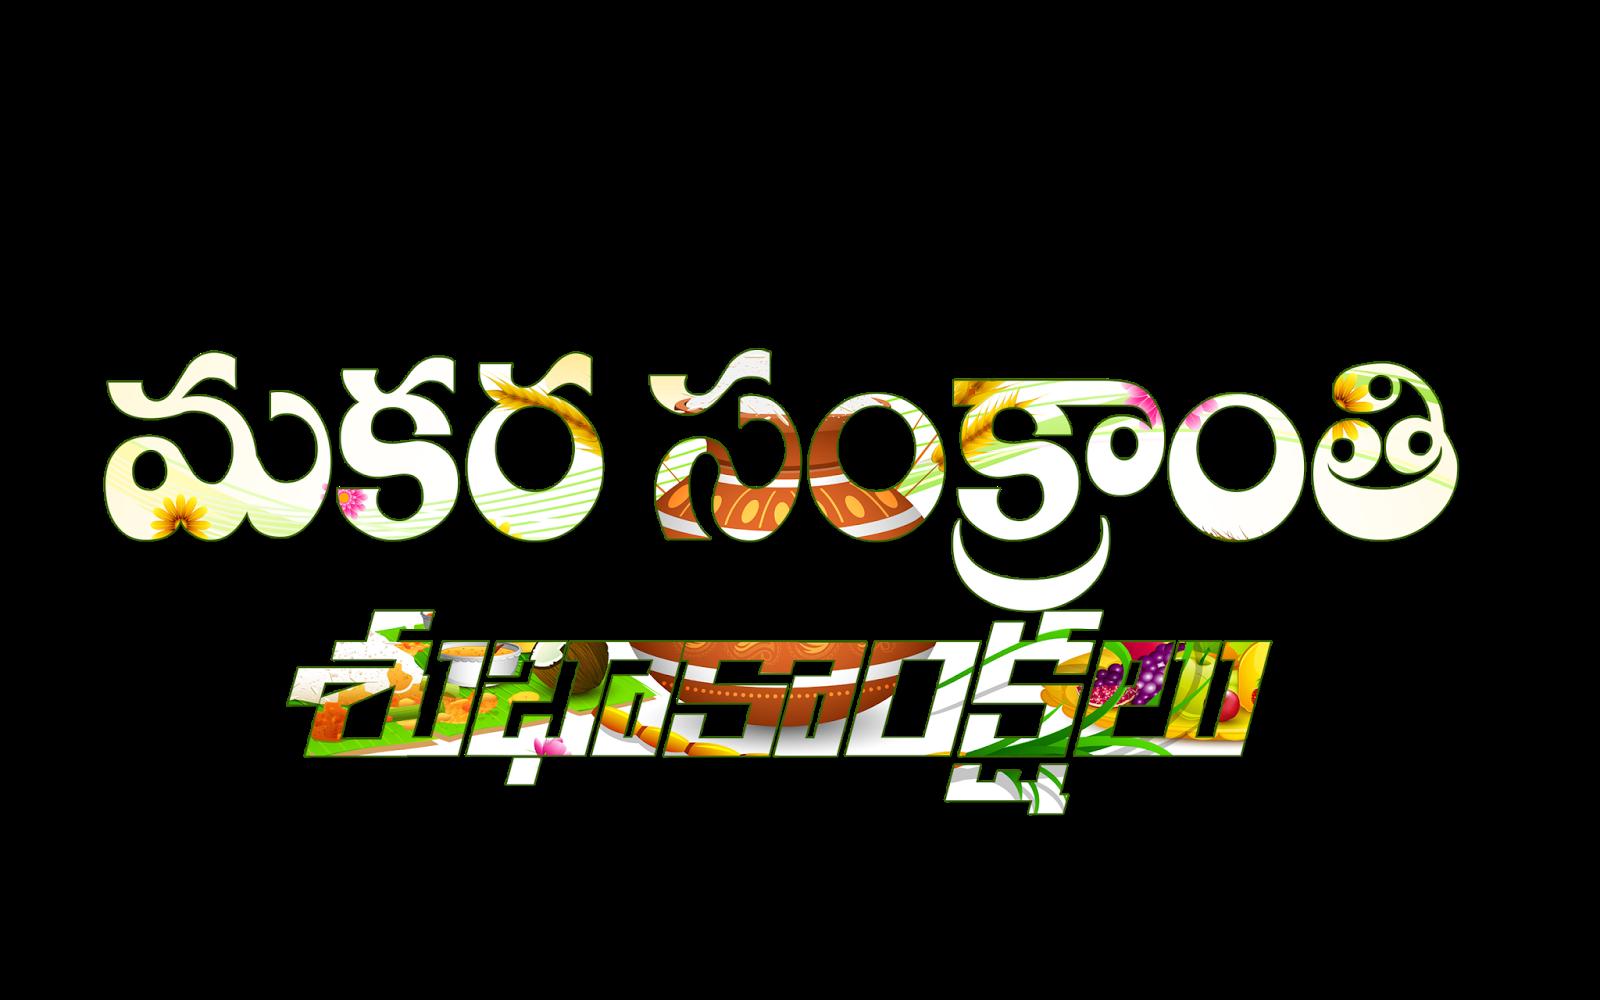 Kite clipart sankranthi. Sankranti greetings in english